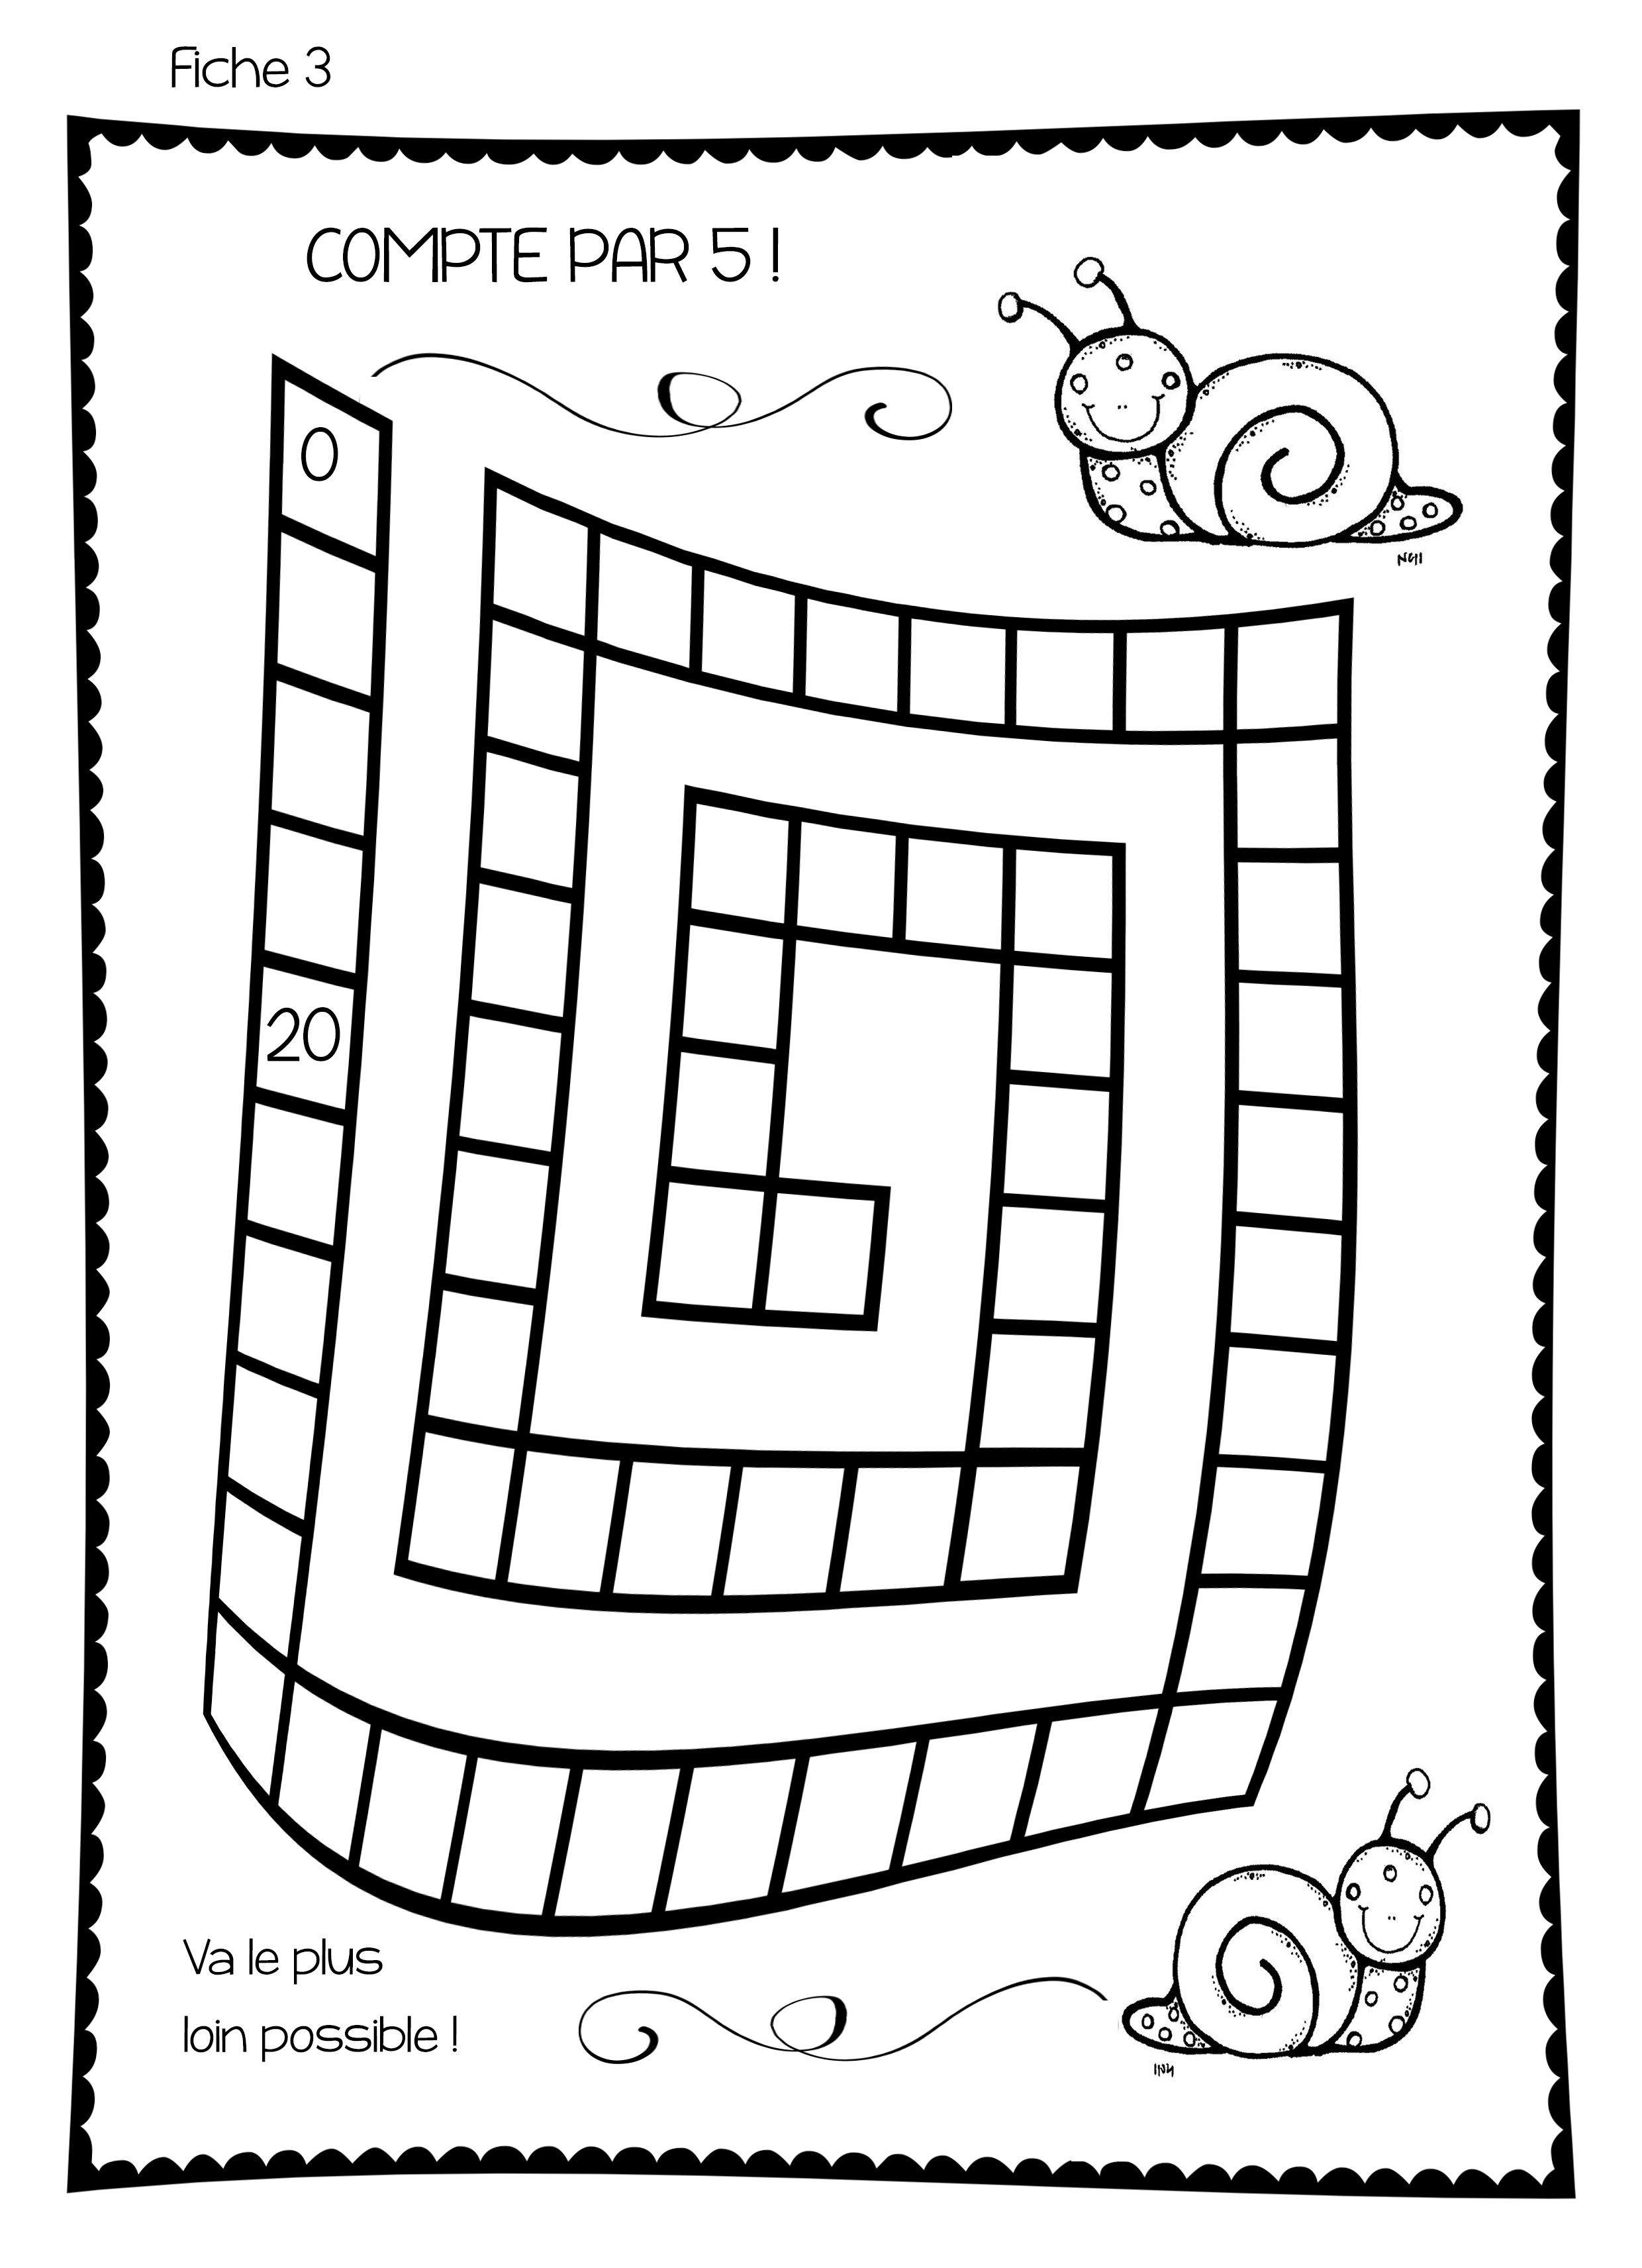 Jeux tables de multiplication maths pinterest table de multiplication multiplication et table - Table de multiplication a imprimer ...